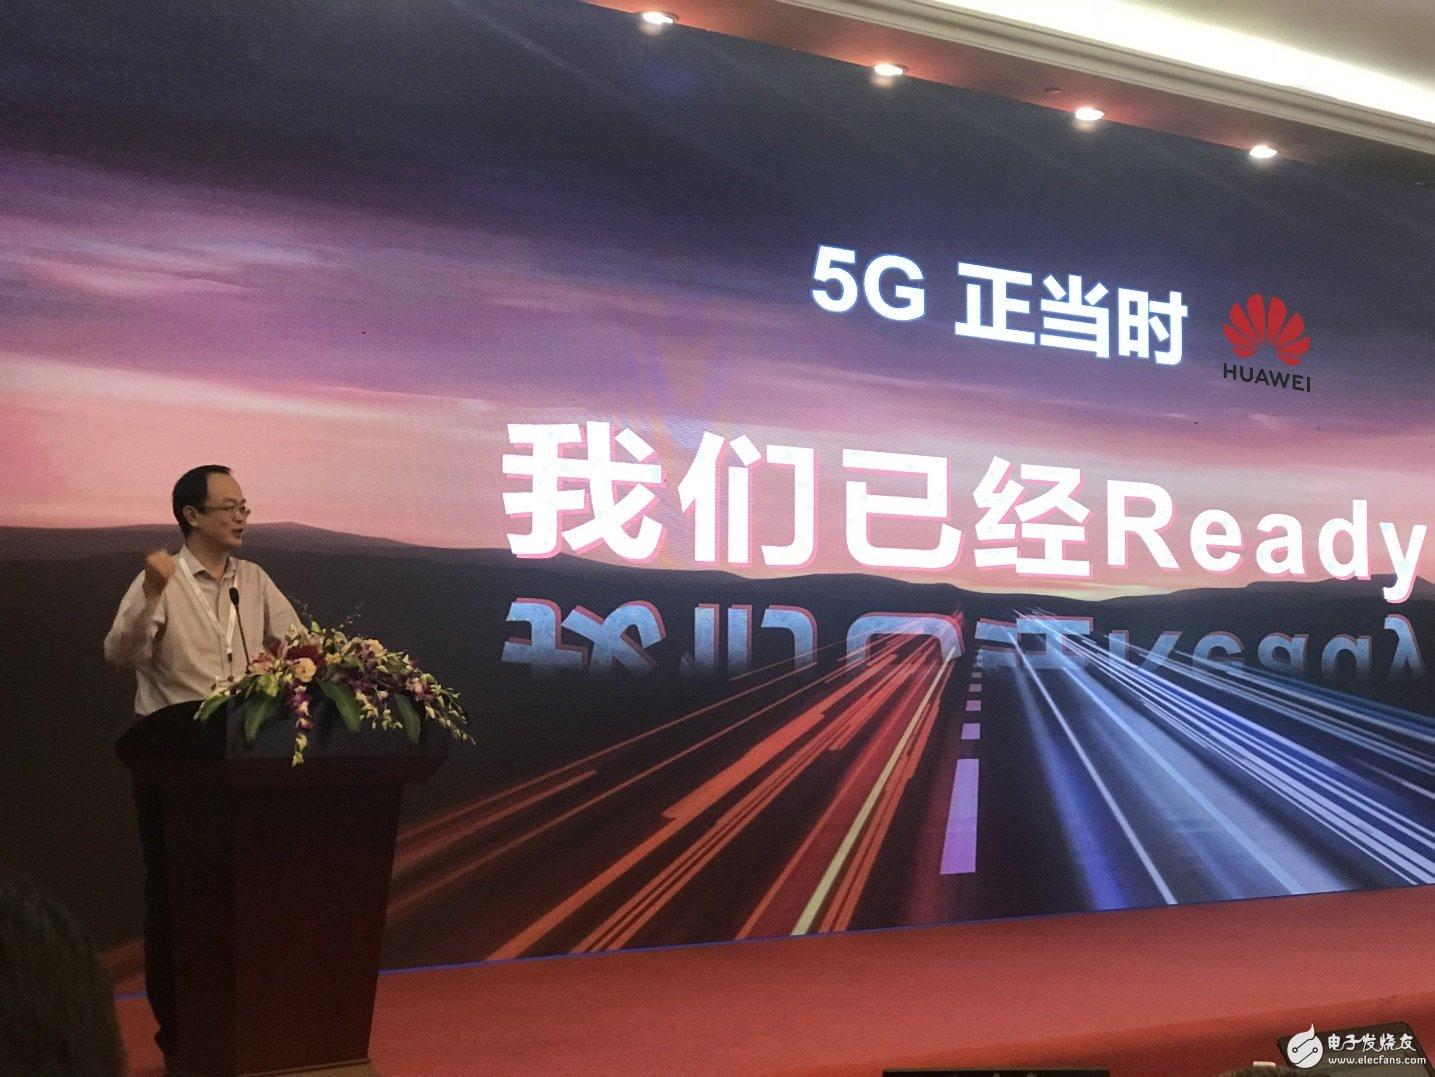 中国移动携手华为,助力运营商实现5G商业成功